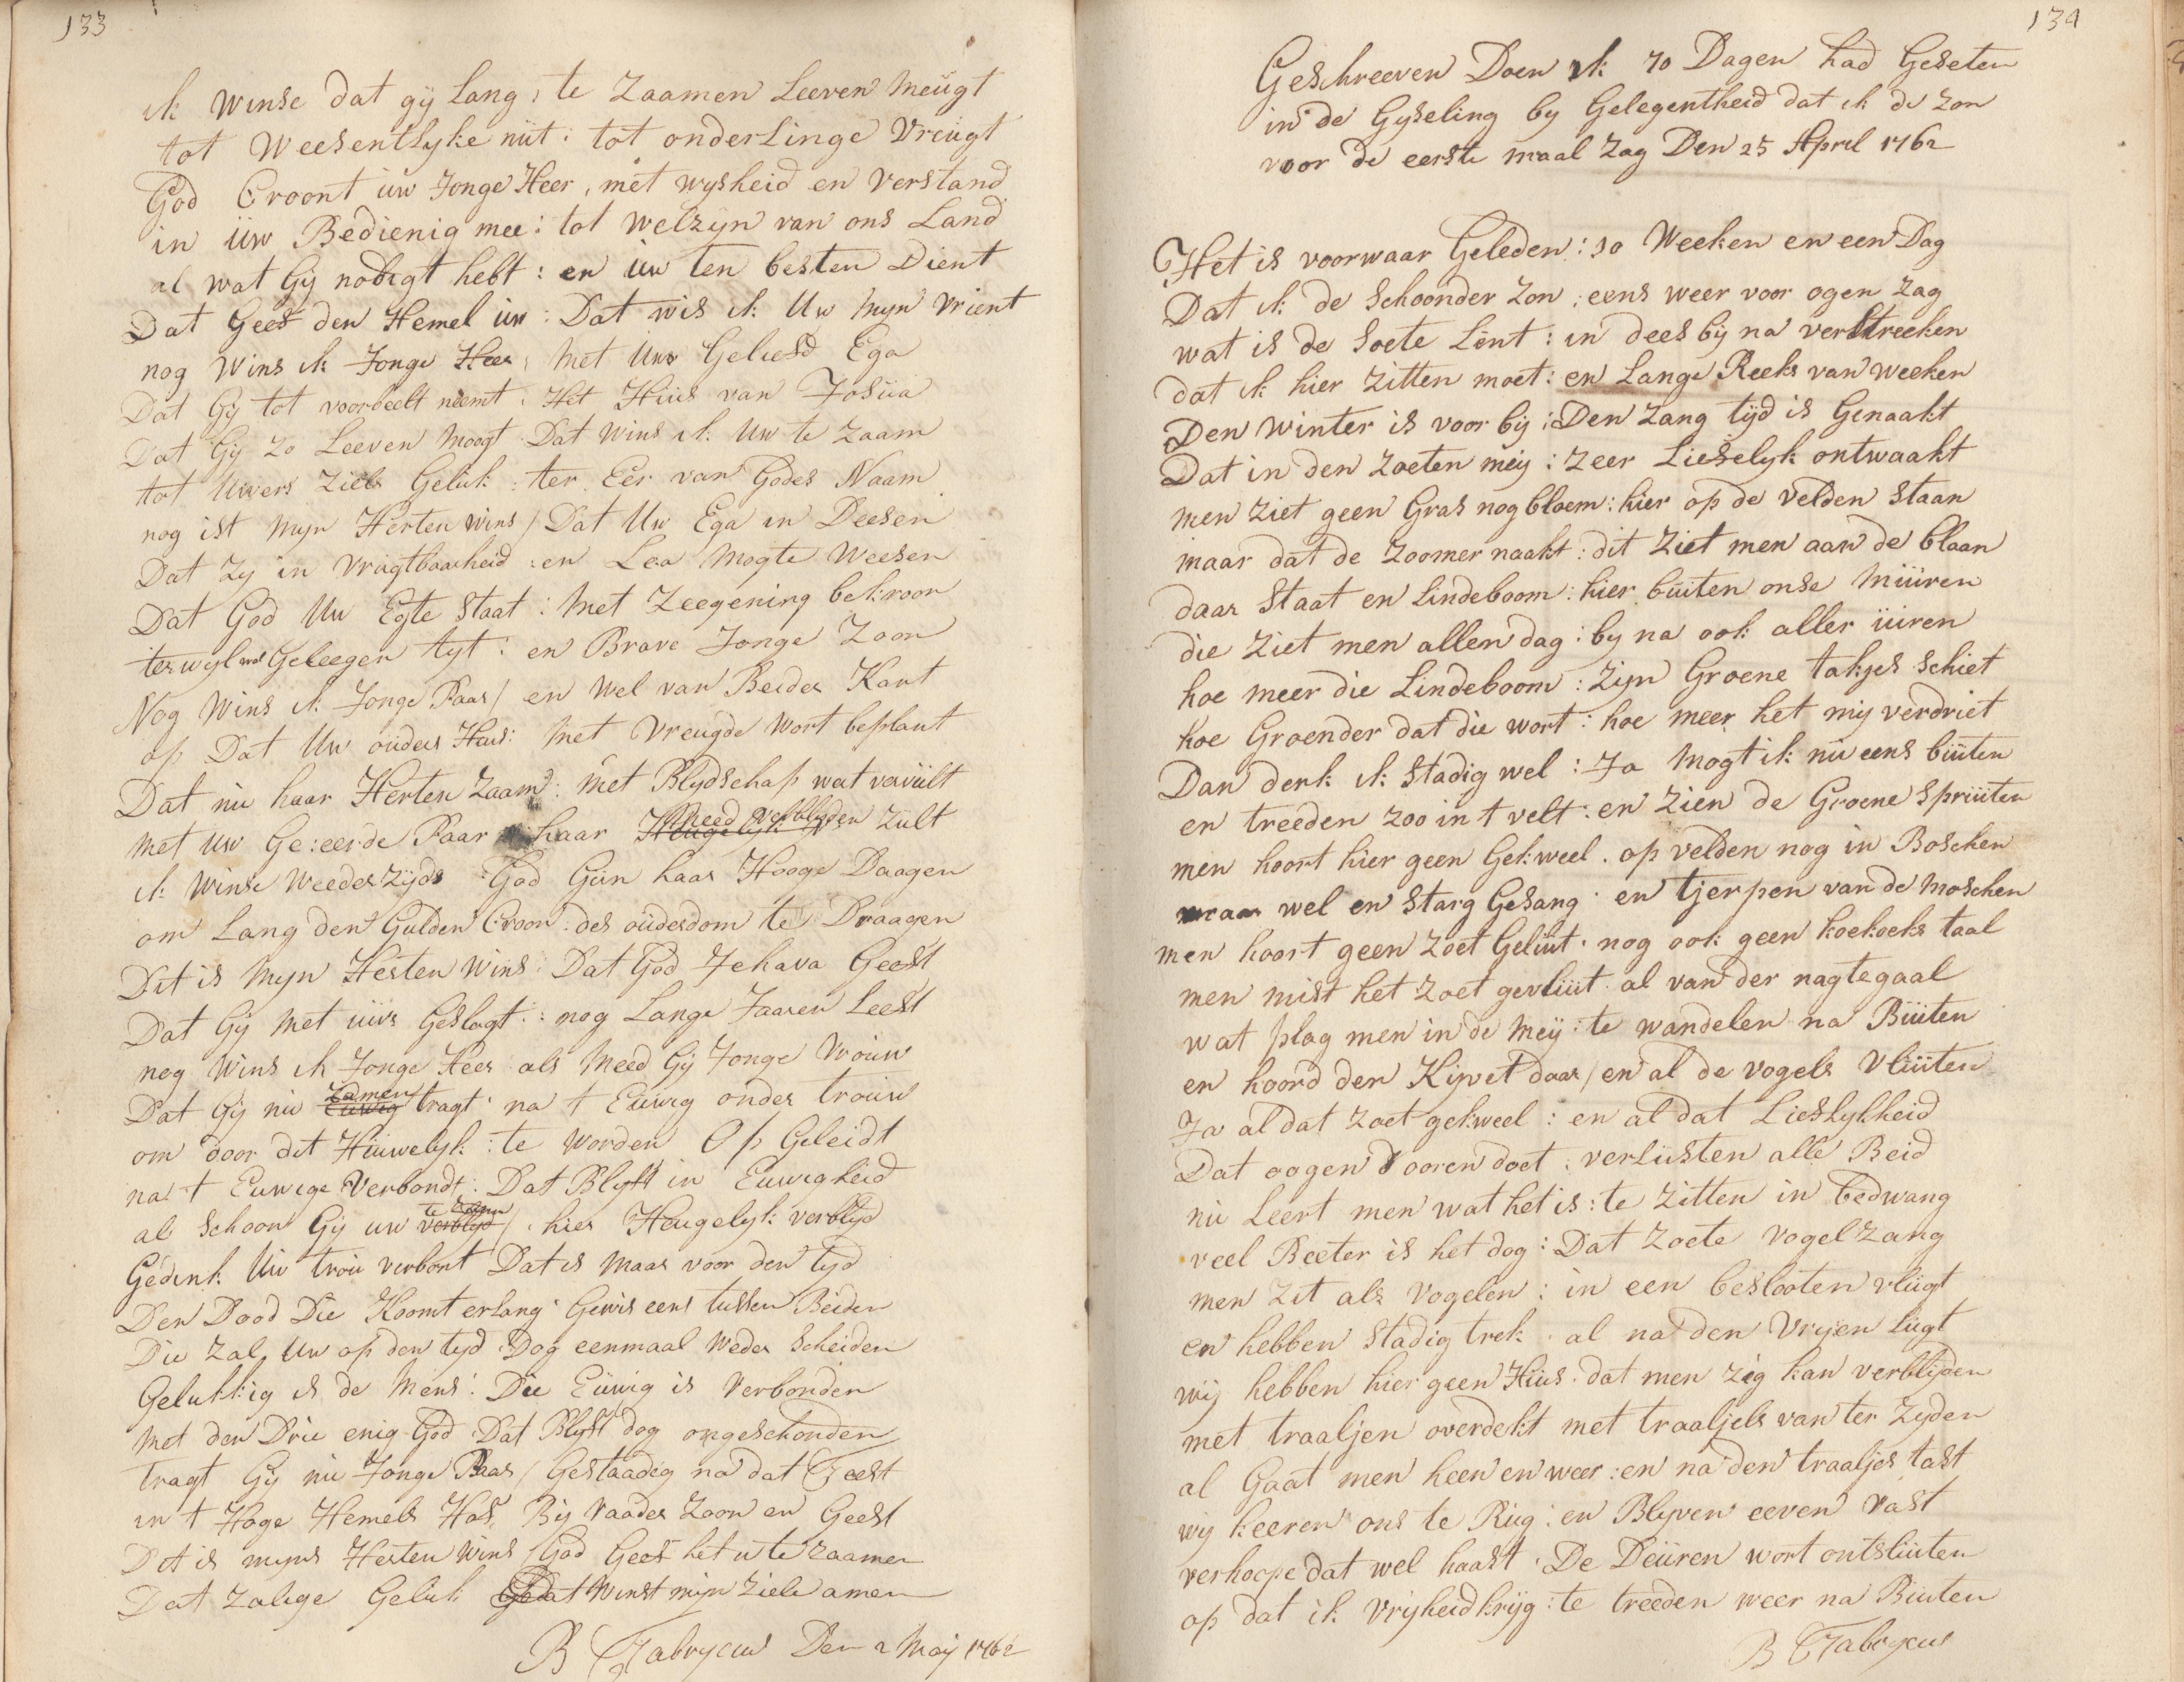 Geschreeven Doen ik 10 dagen had geseten in de gijseling bij Gelegentheid dat ik de zon voor de eerste maal zag Den 25 April 1762